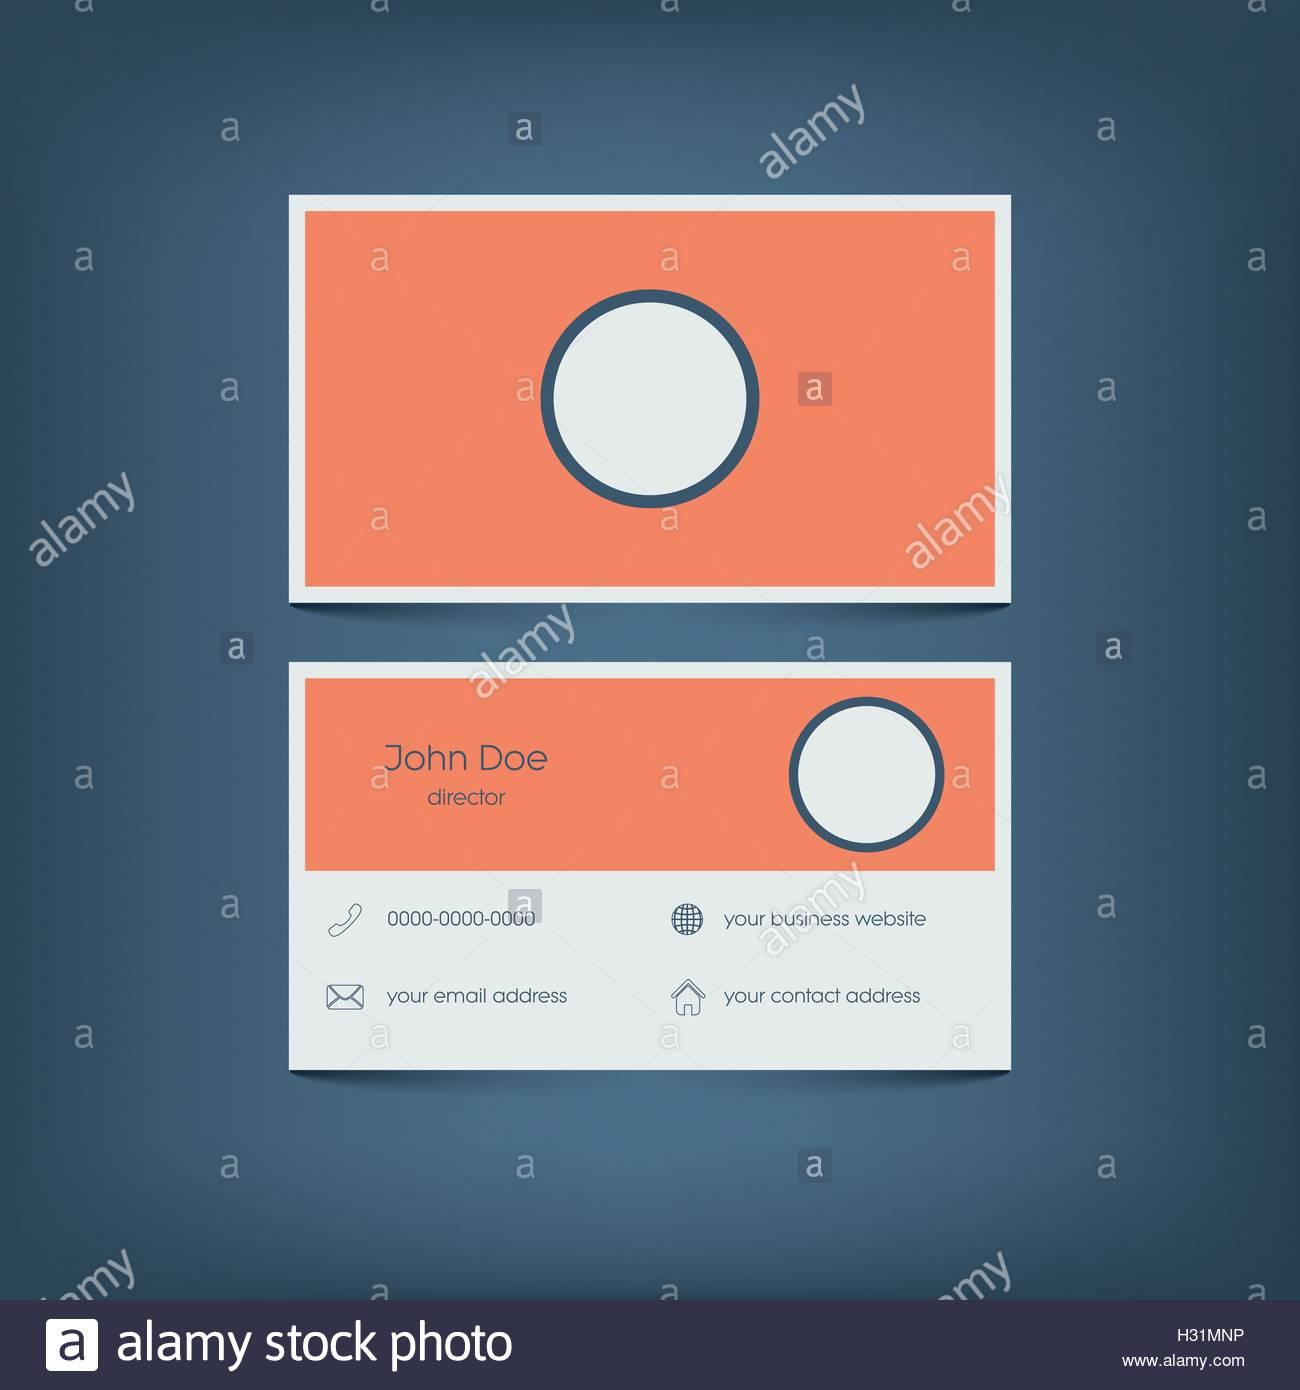 Modern Flat Design Business Card Template Graphic User Interface - Mobile business card template